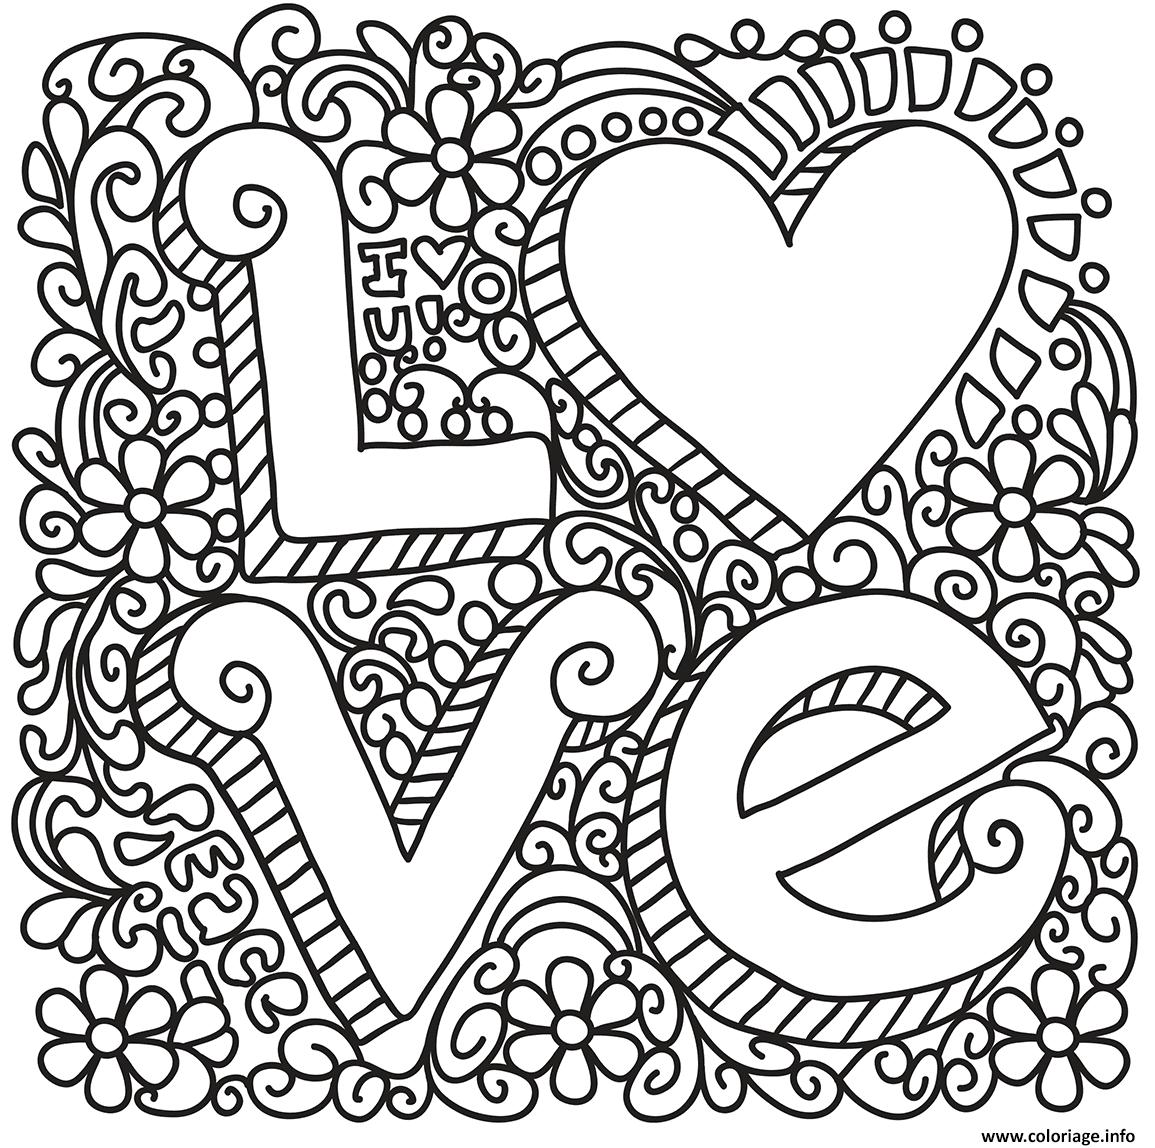 Dessin love zentangle st valentin Coloriage Gratuit à Imprimer